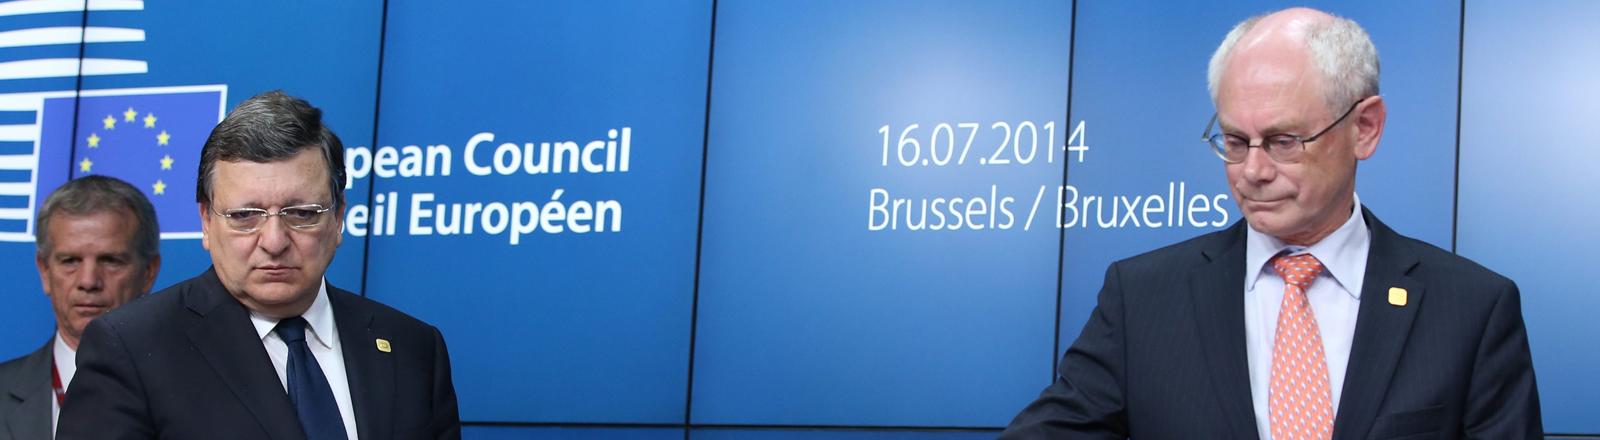 Jose Manuel Barroso (L) und Herman Van Rompuy (R) bei einer Pressekonferenz in Brüssel am 17 Juli 2014.